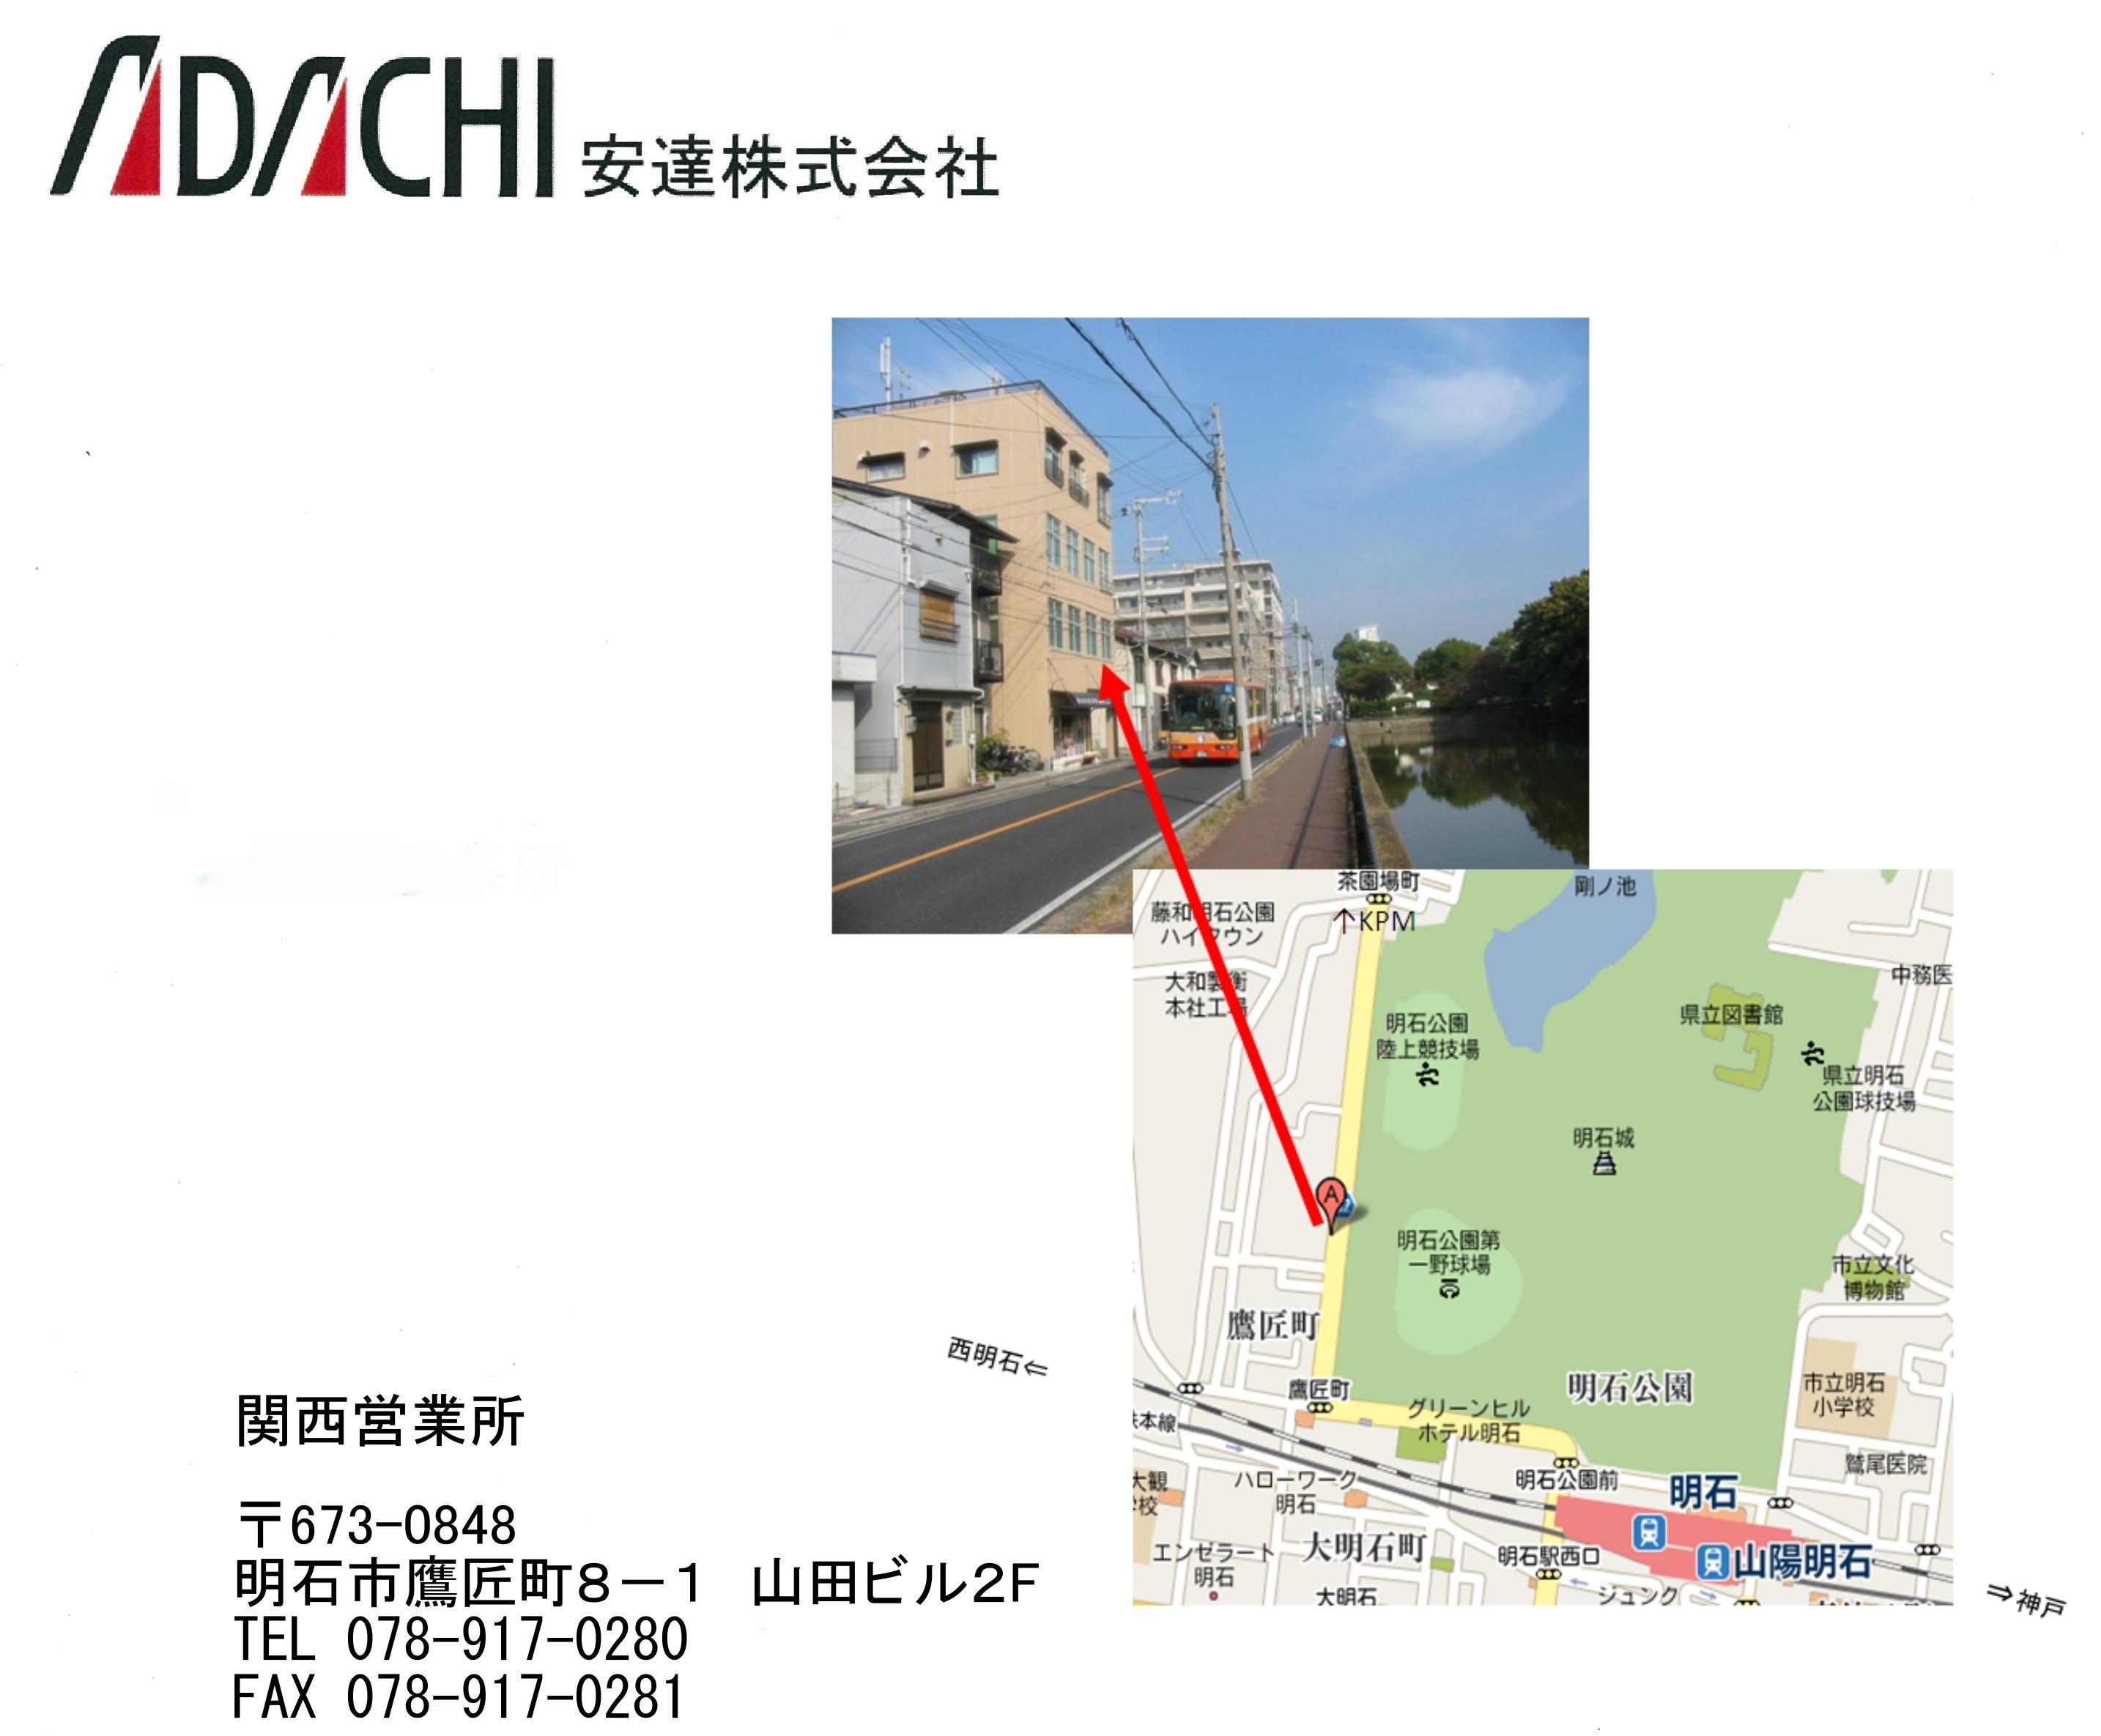 安達株式会社 関西営業所